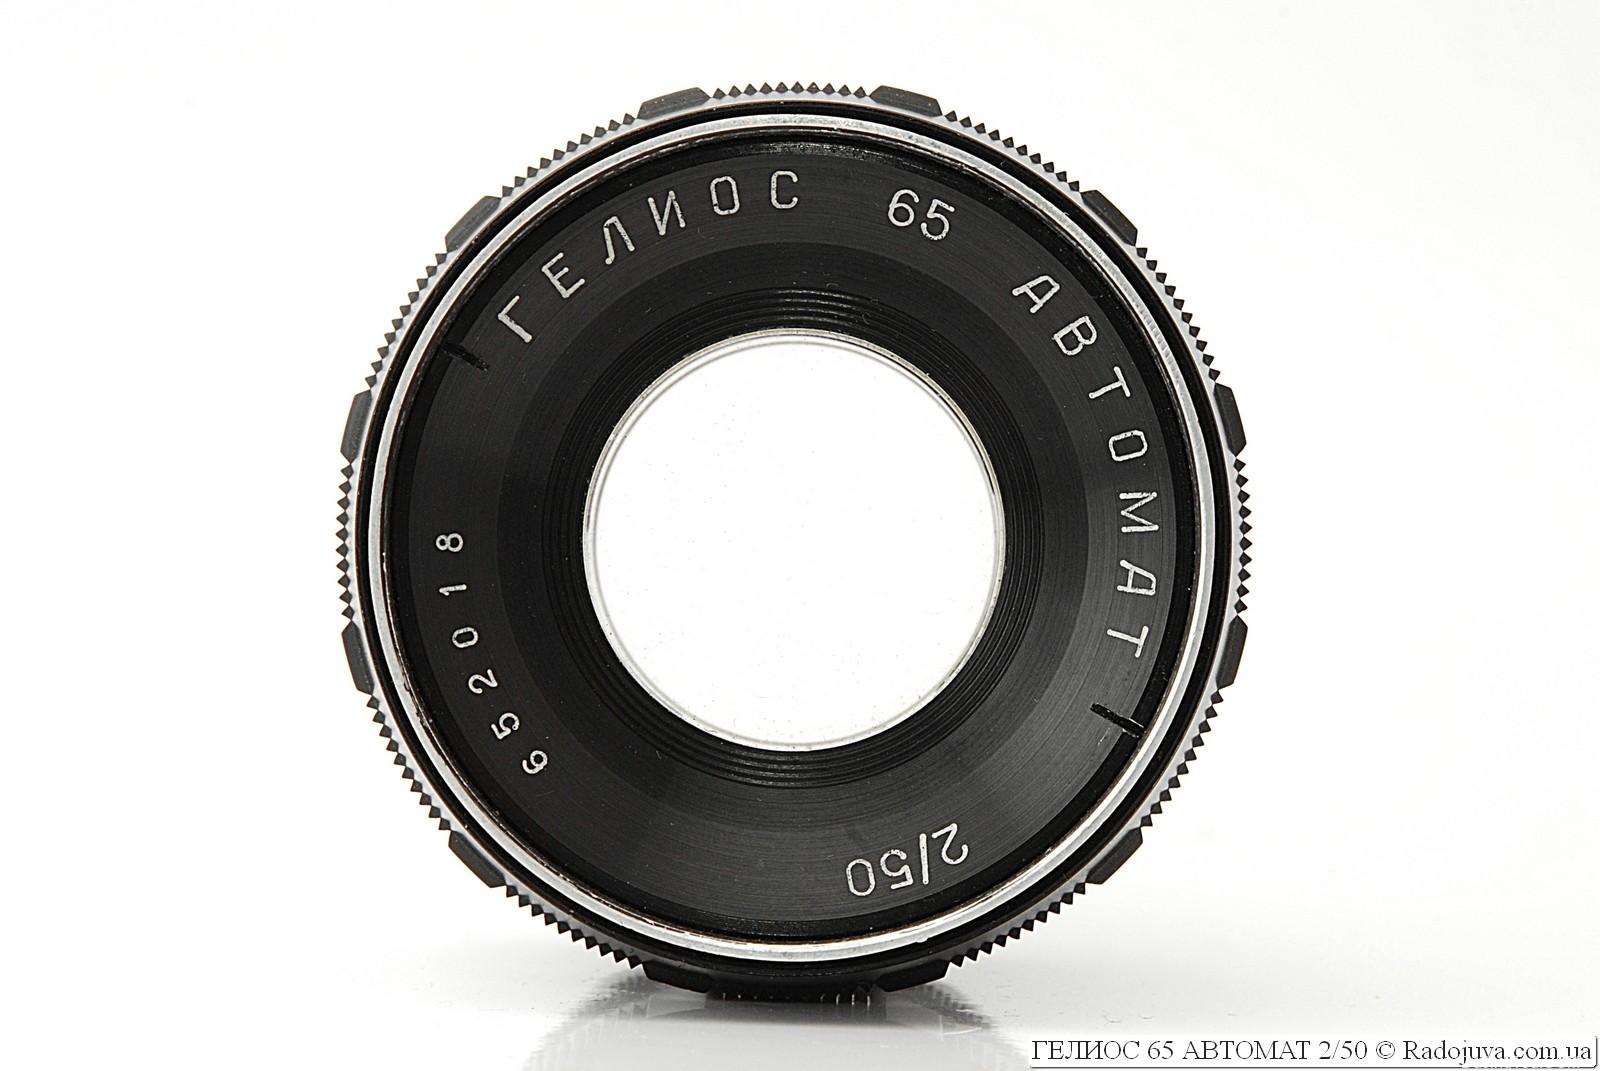 苏联镜头:HELIOS 65 AUTOMAT 2/50 镜头资料及样片